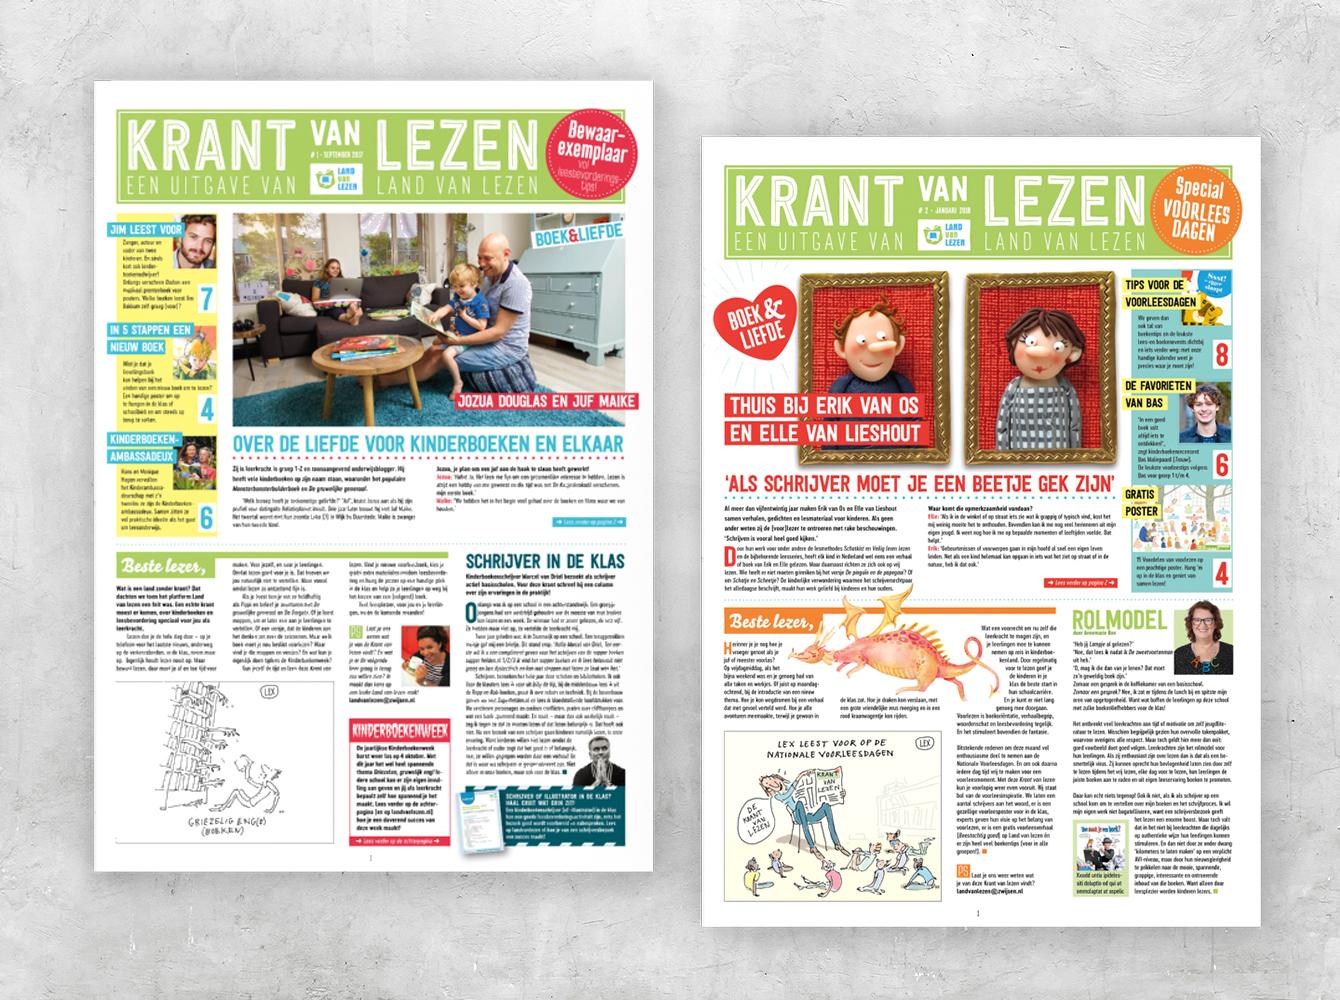 Krant van Lezen